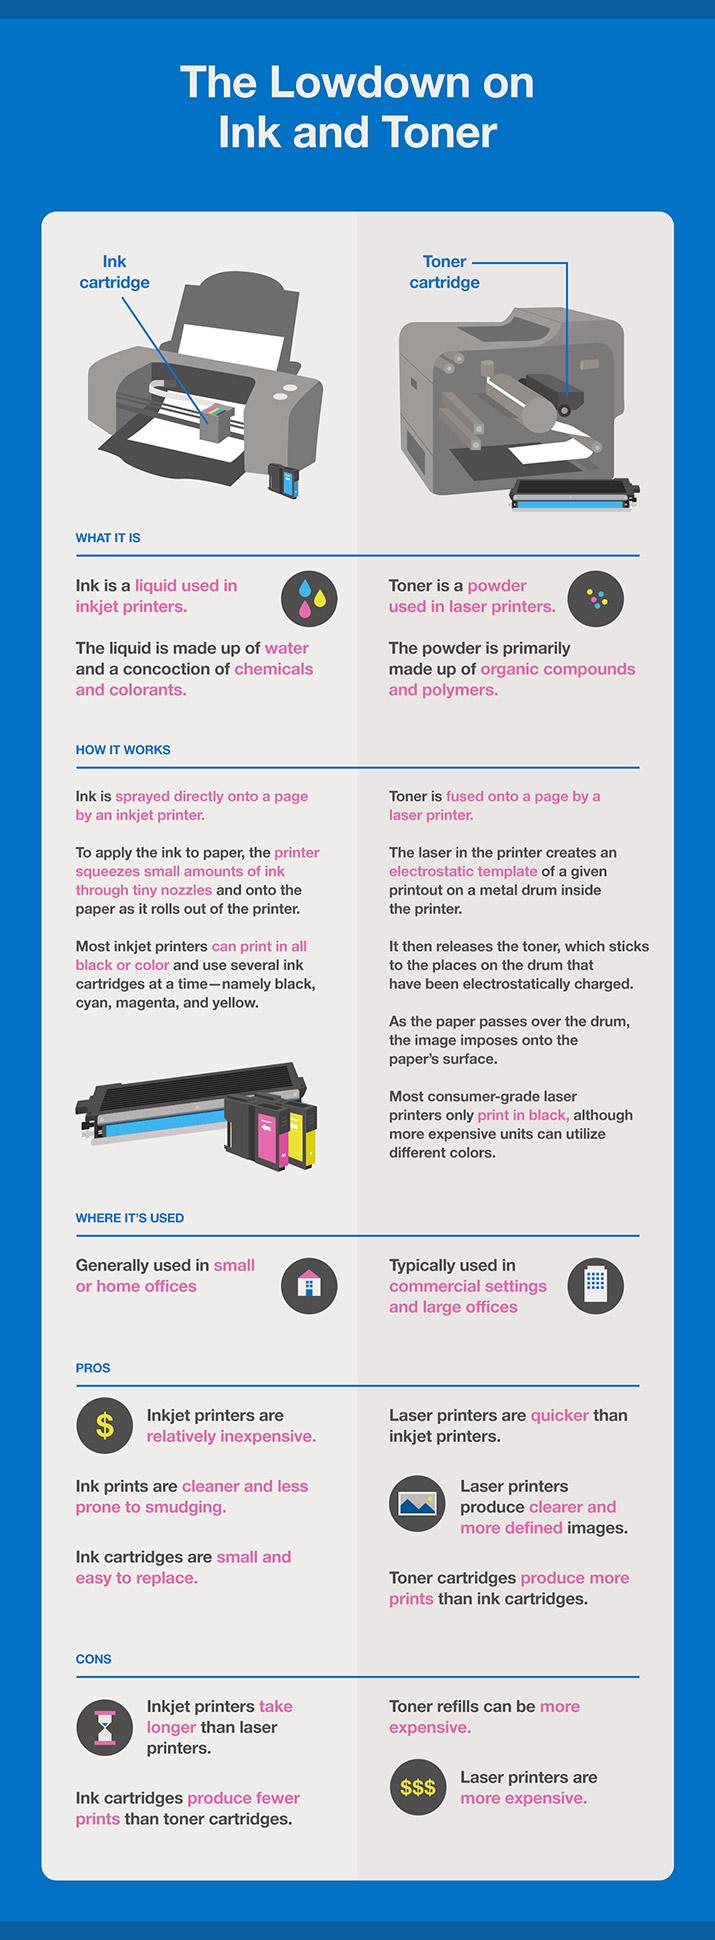 Color printing inkjet vs laser - Lowdown On Ink Toner